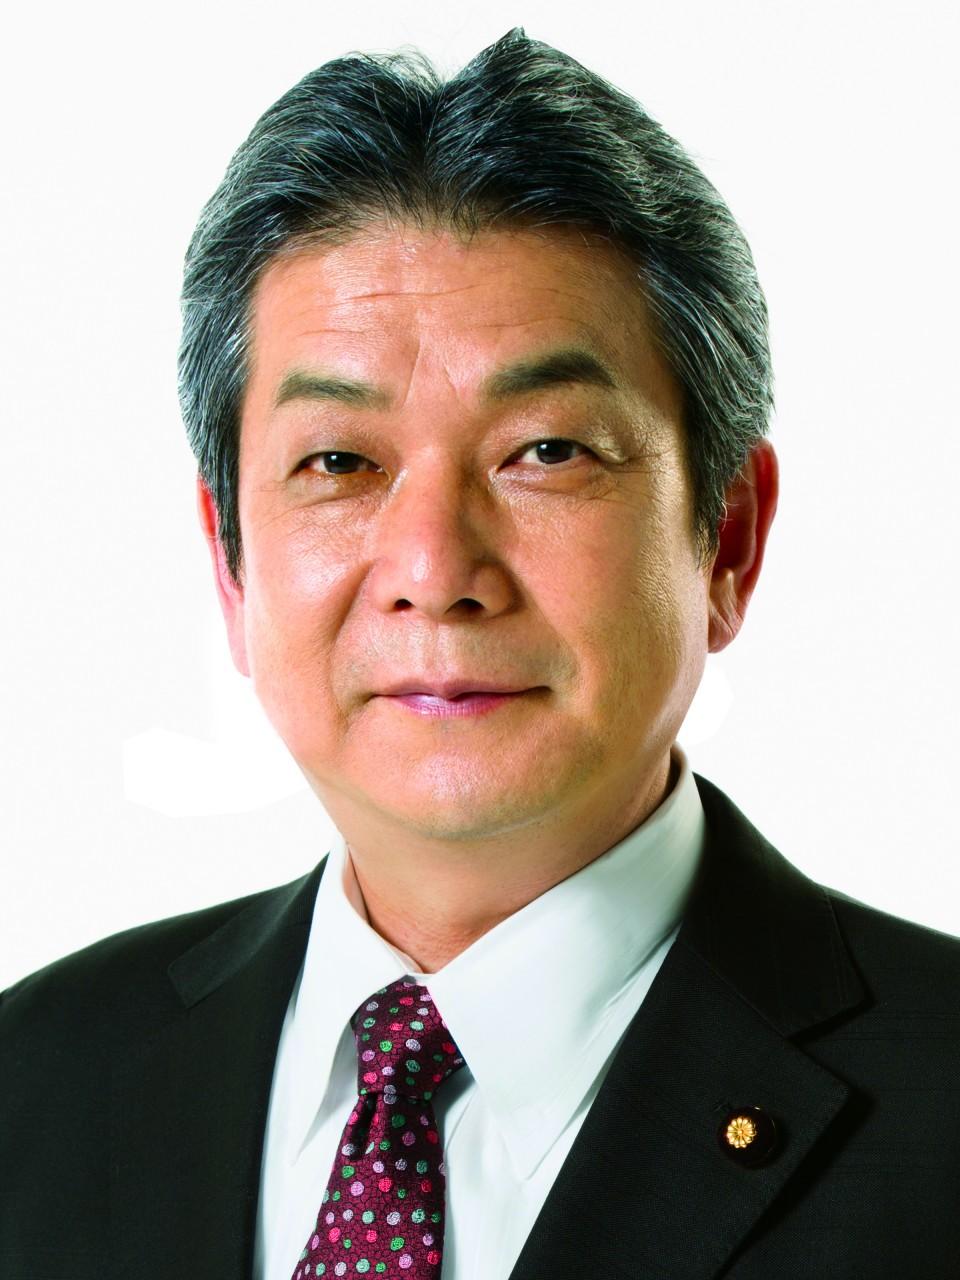 難波奨二 - 立憲民主党